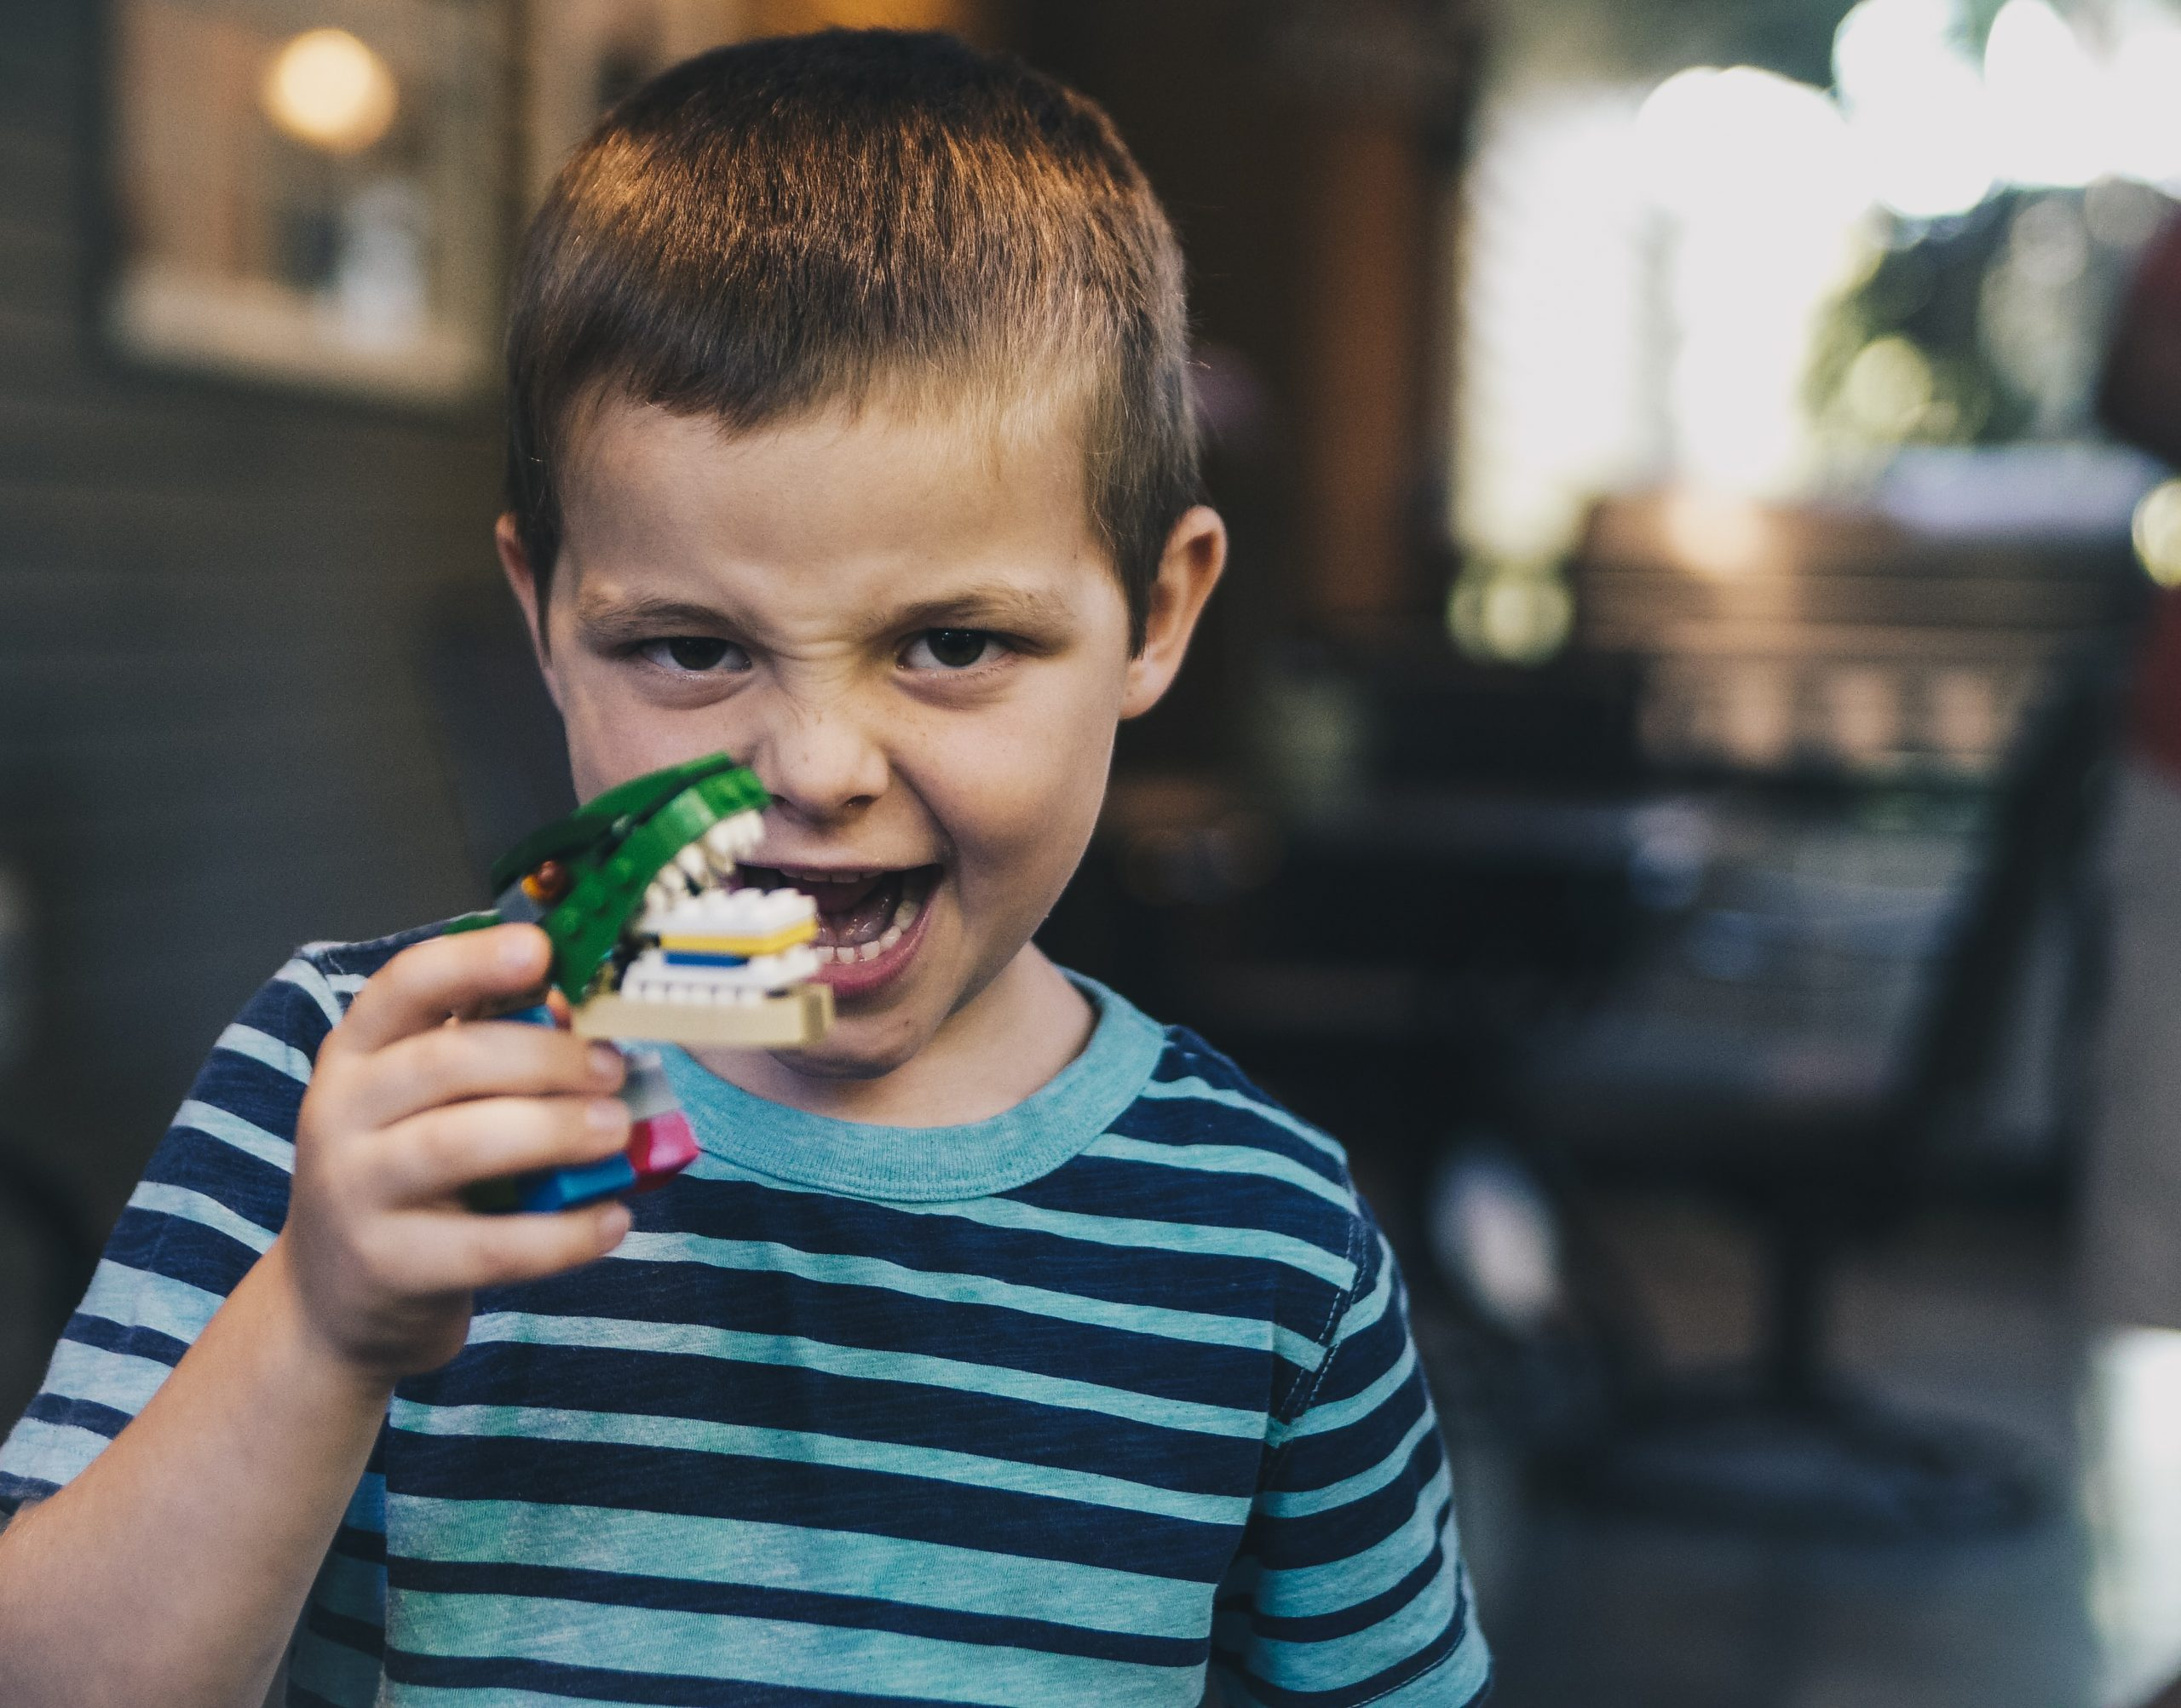 Dantų implantavimas ar protezavimas – ką rinktis